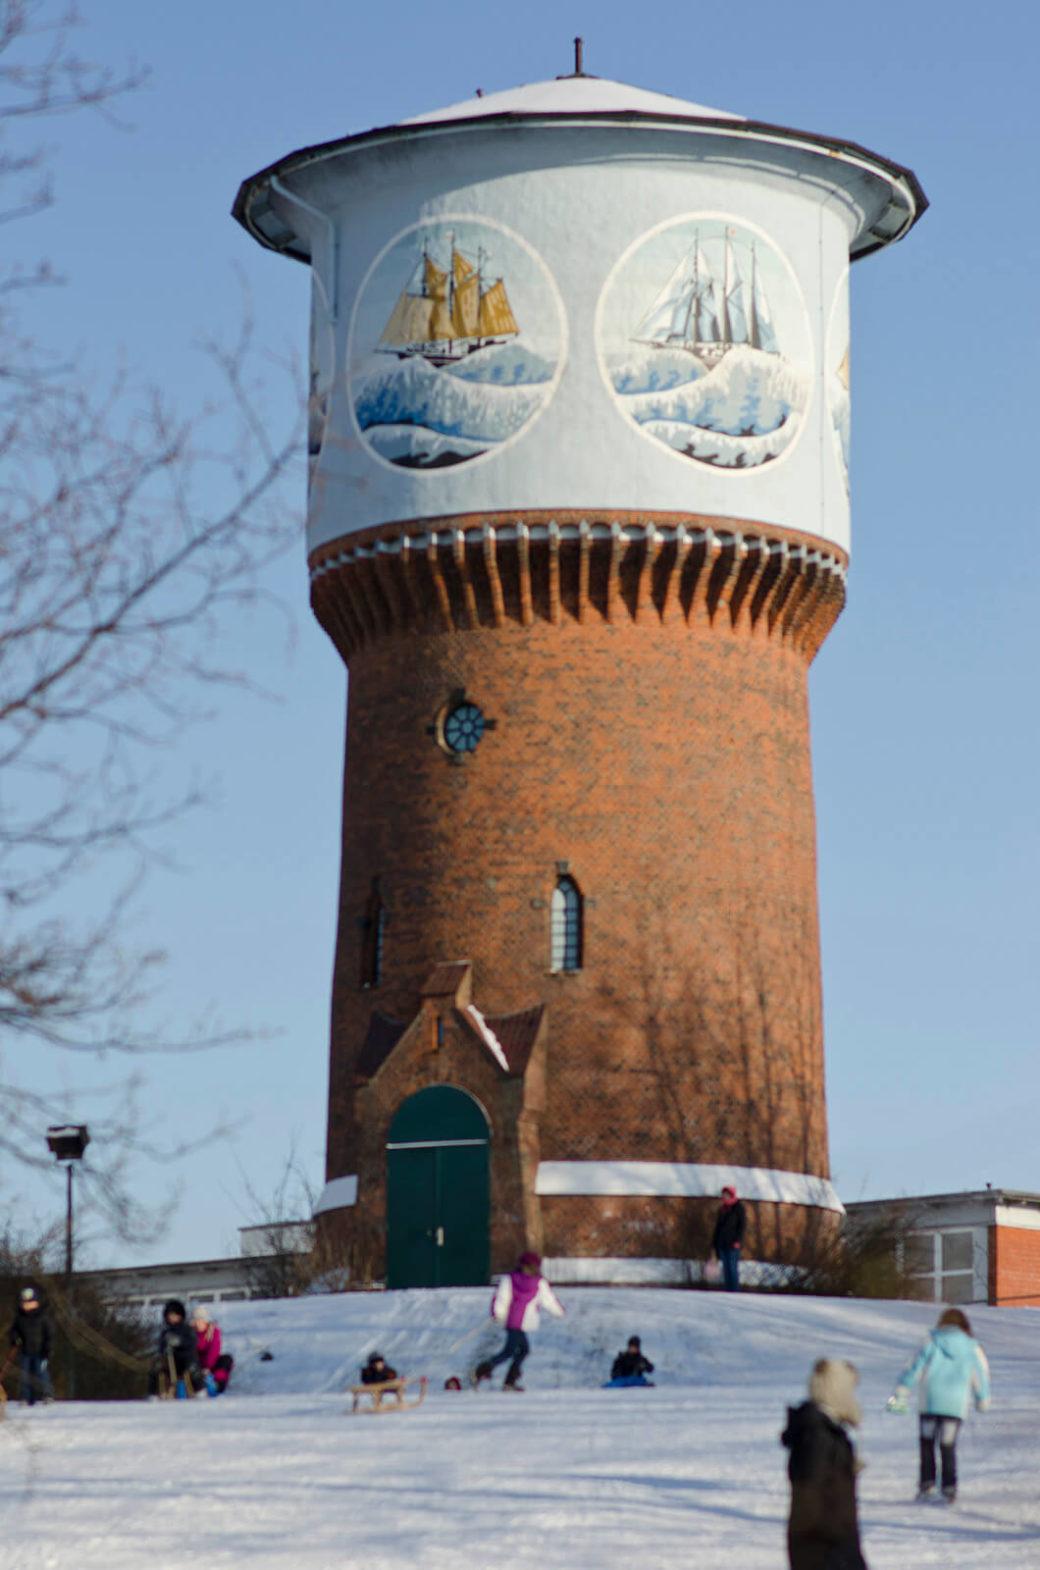 Schiffsmotive am Wasserturm in Kiel-Dietrichsdorf, (Foto: KUNST@SH/Jan Petersen)